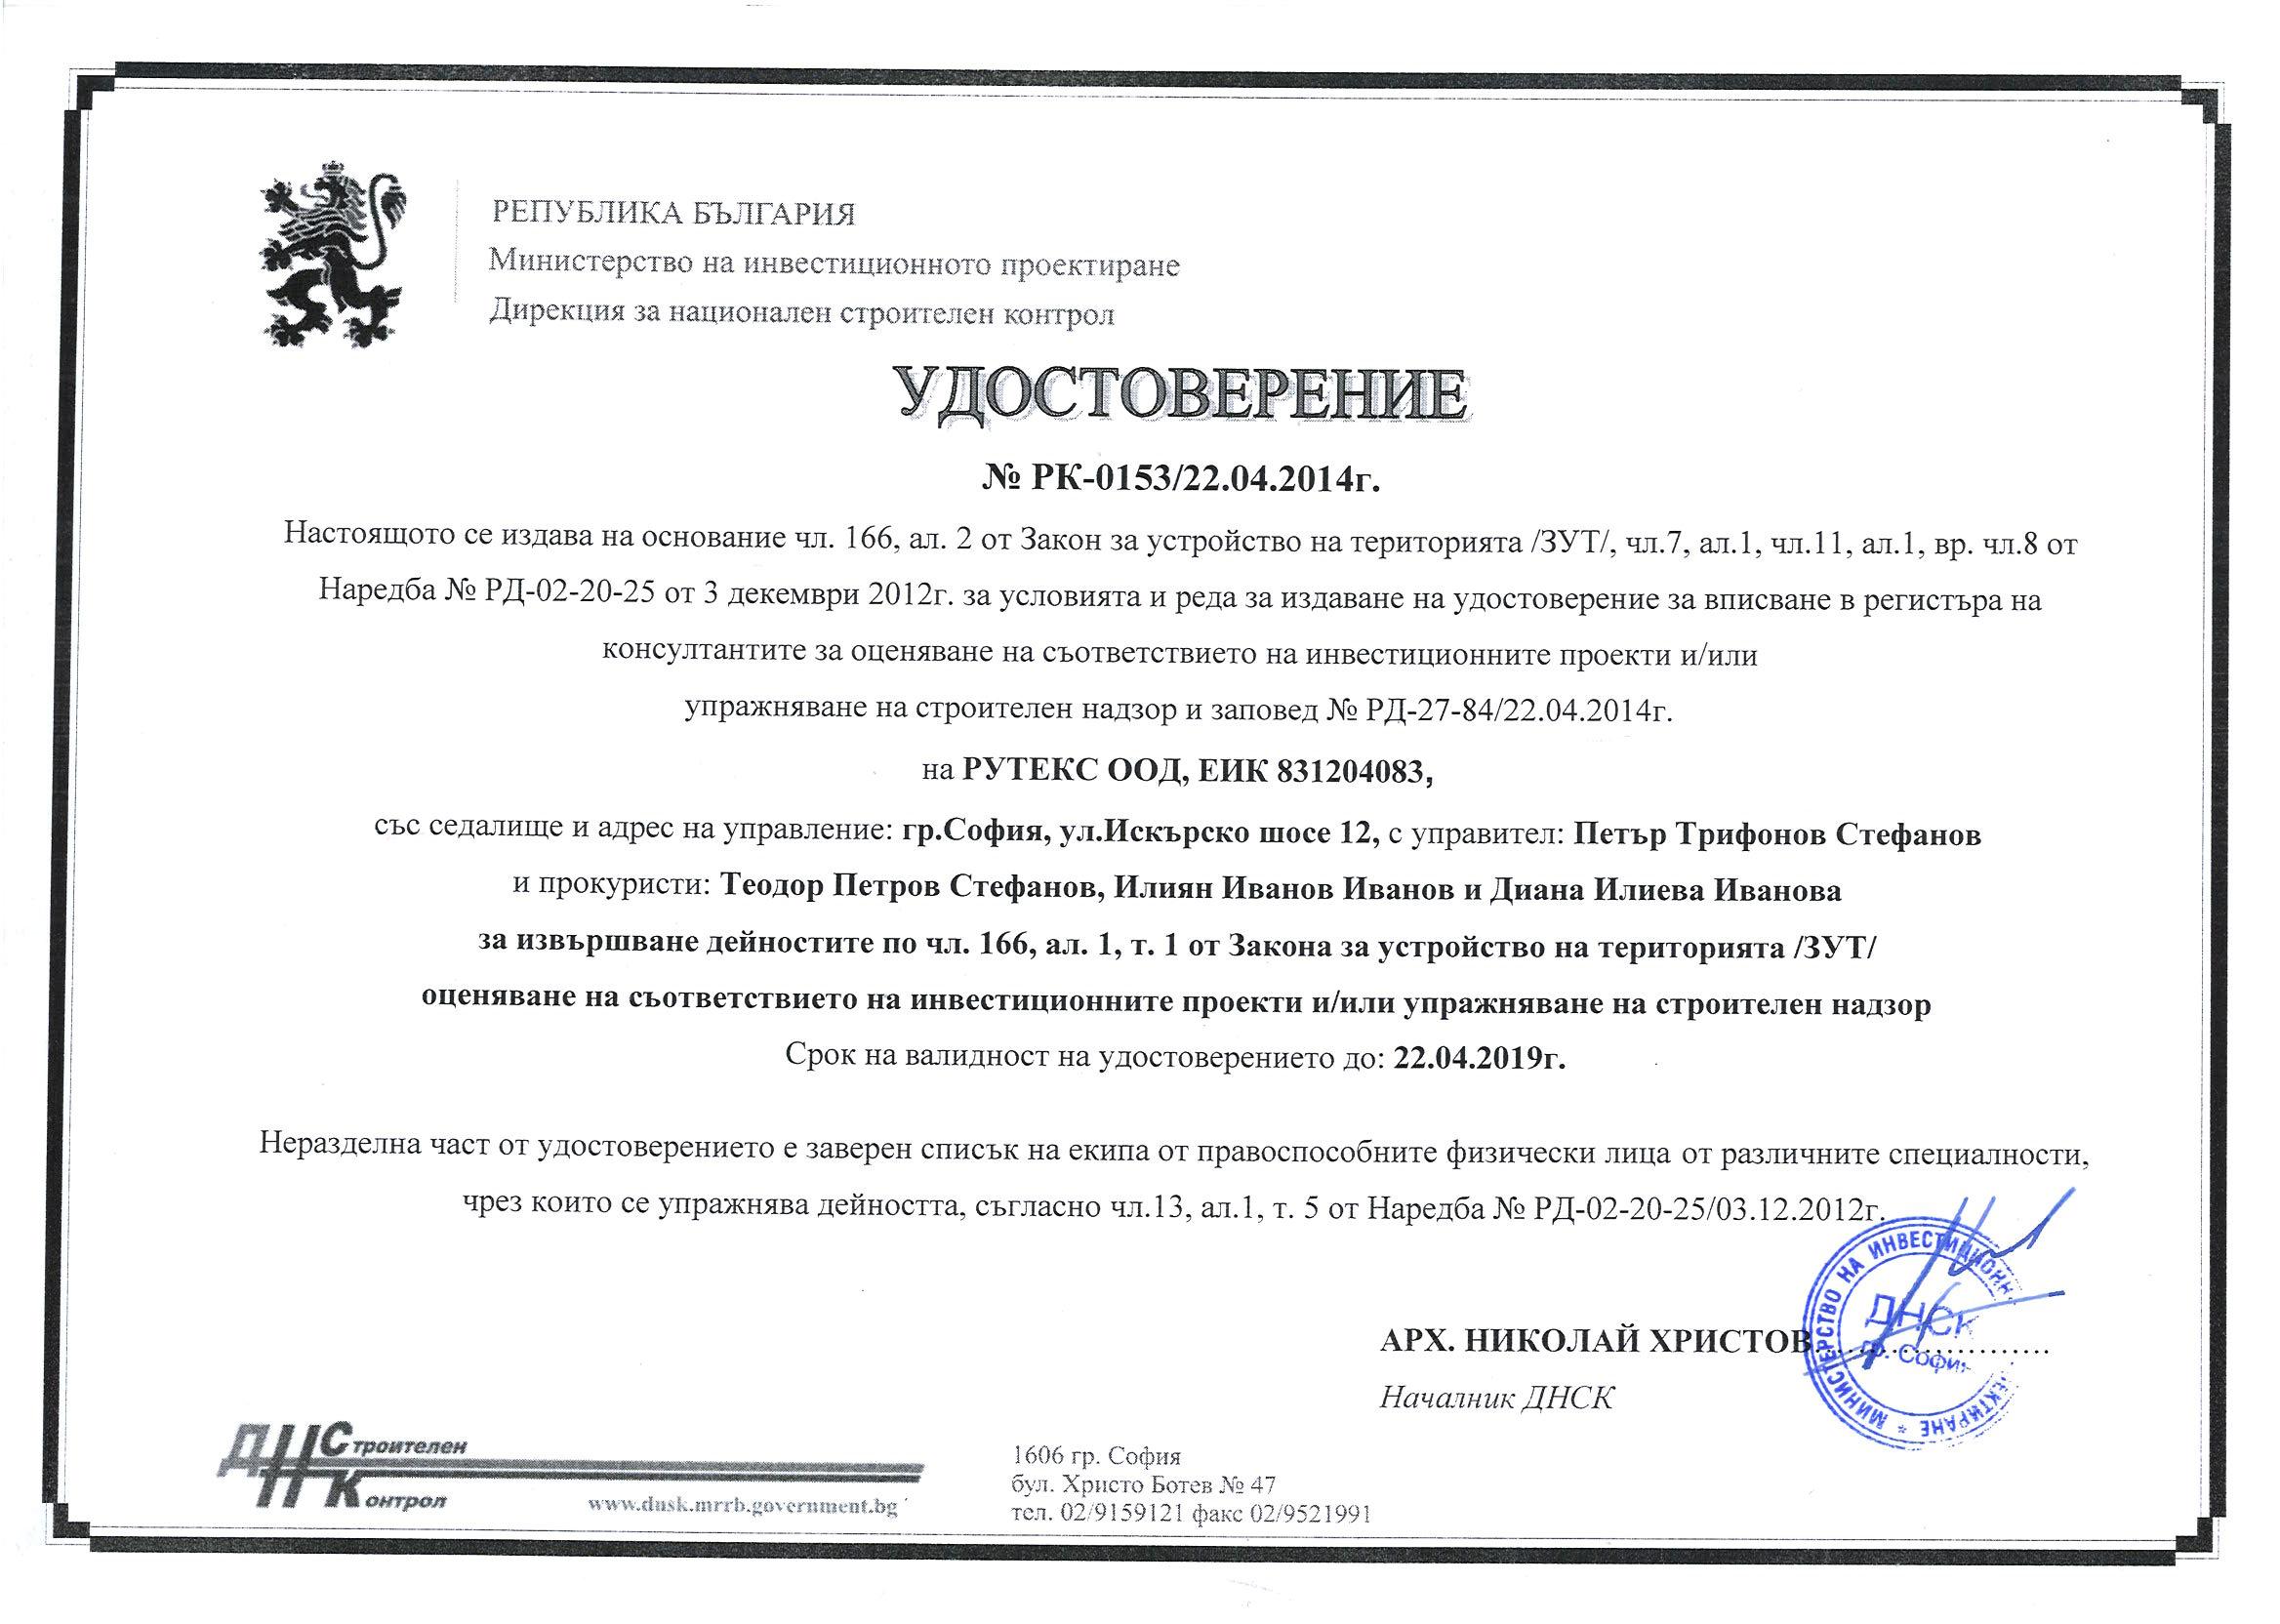 Удостоверение по чл. 166